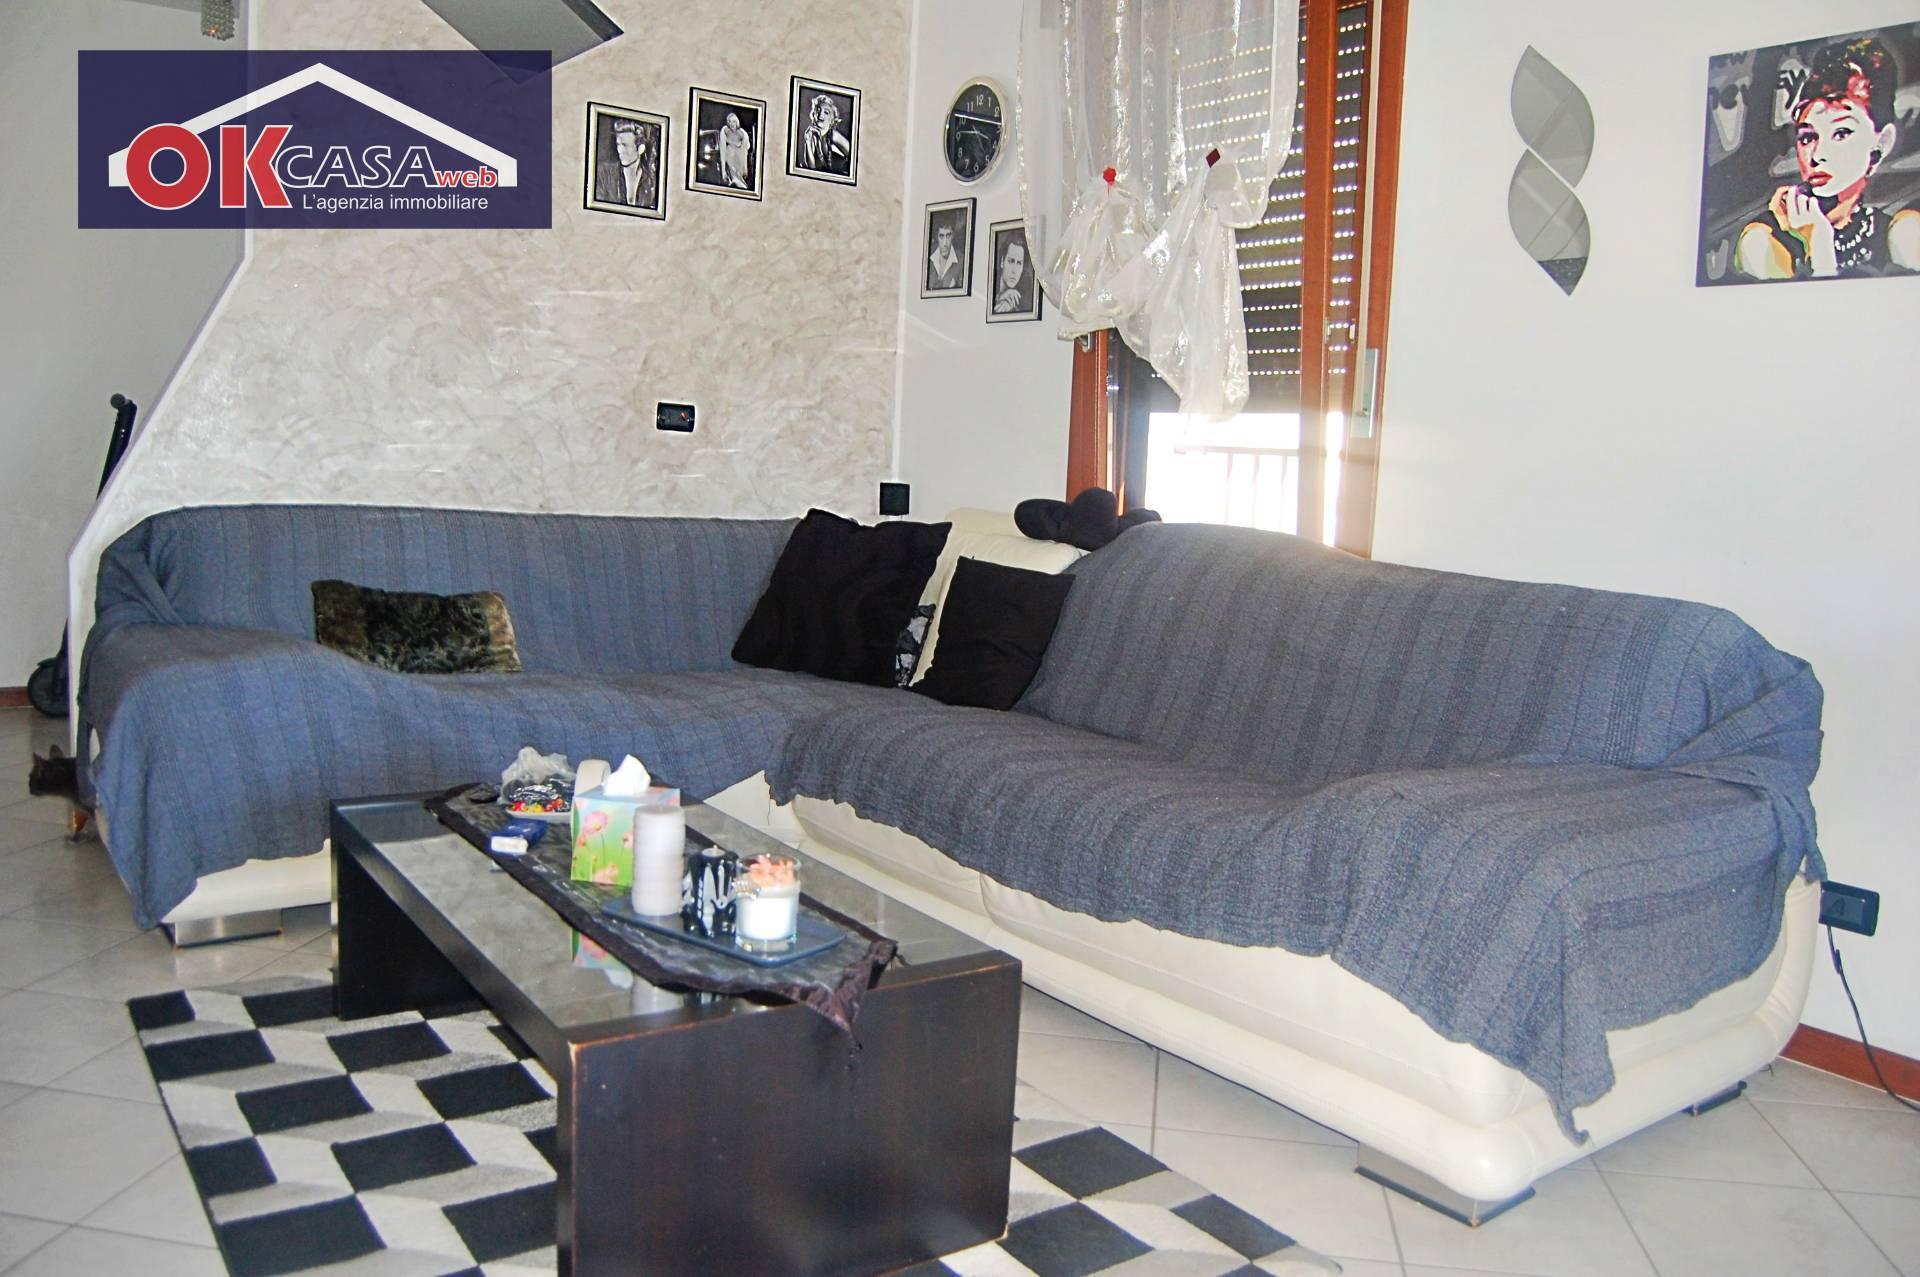 Appartamento | Udine, Fiumicello Villa Vicentina, via enrico fermi